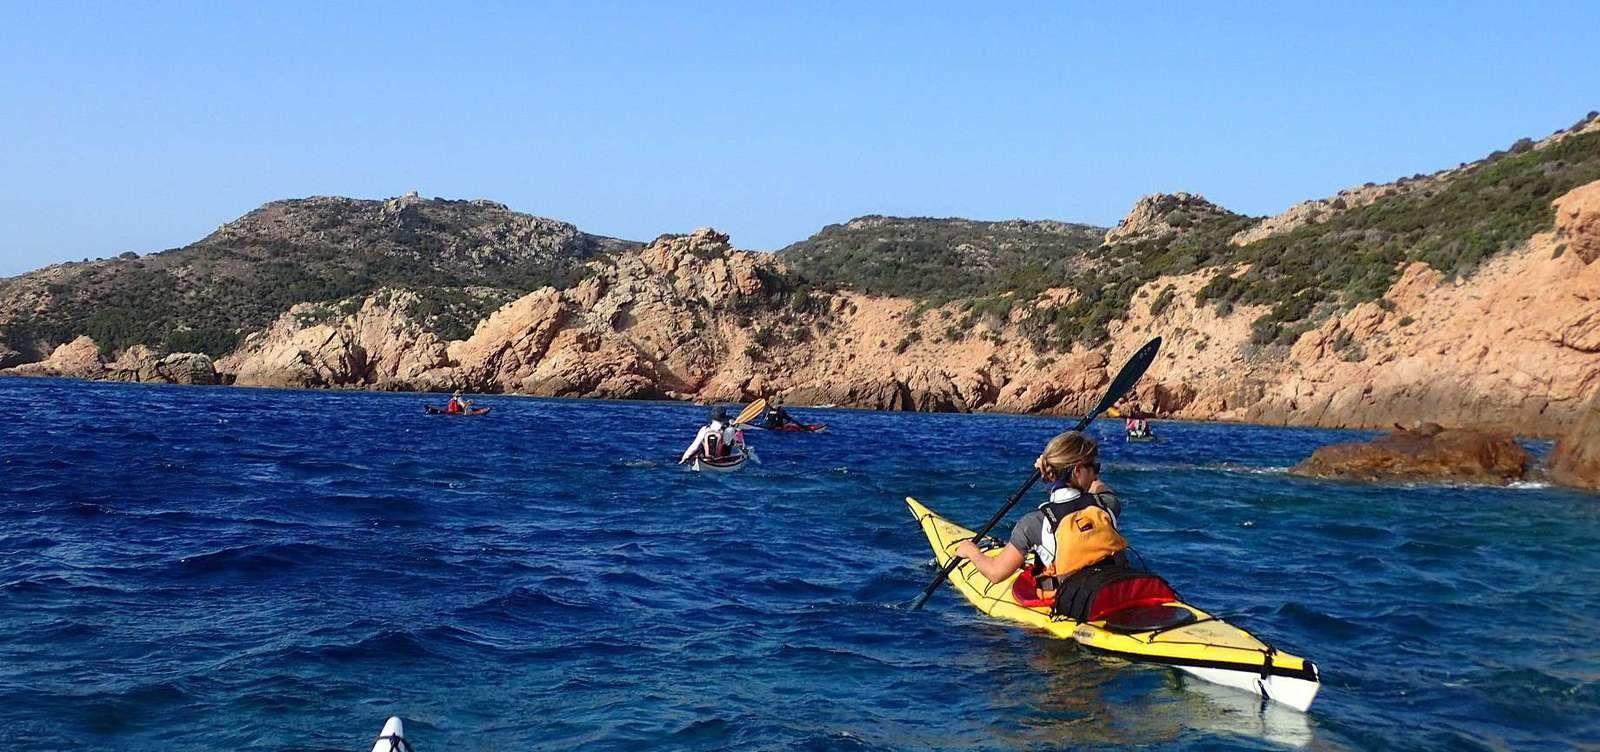 La joyeuse équipée de 9 kayakistes finistériens en Corse - Chapitre 3